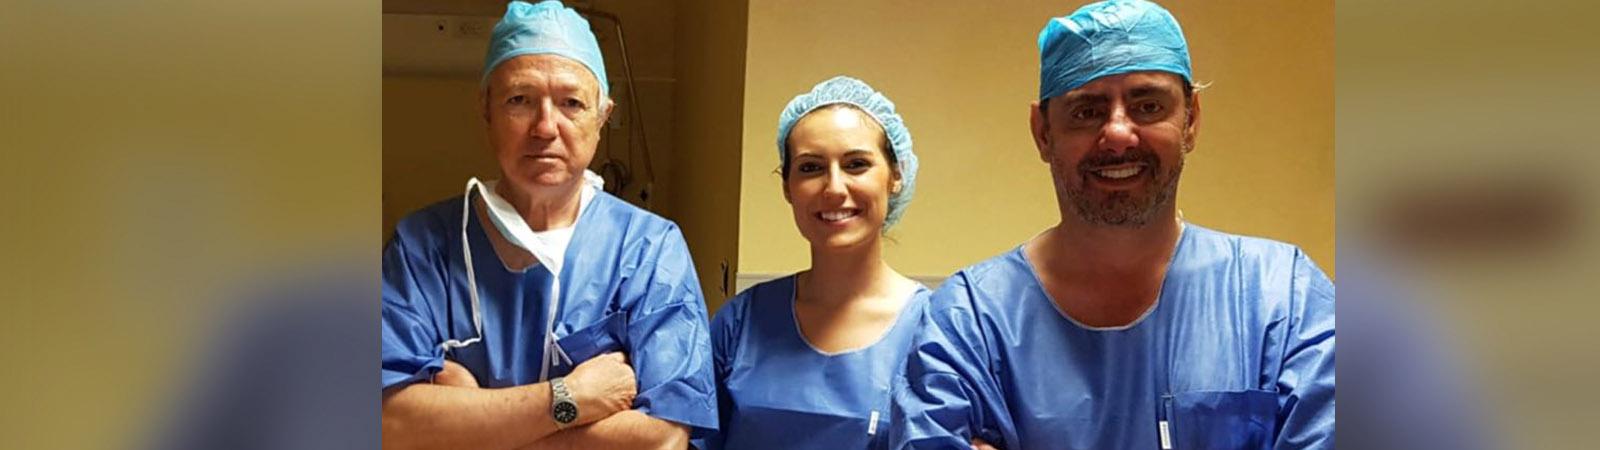 Clínica de cirugía estética Granada | Salus Medical Clinic